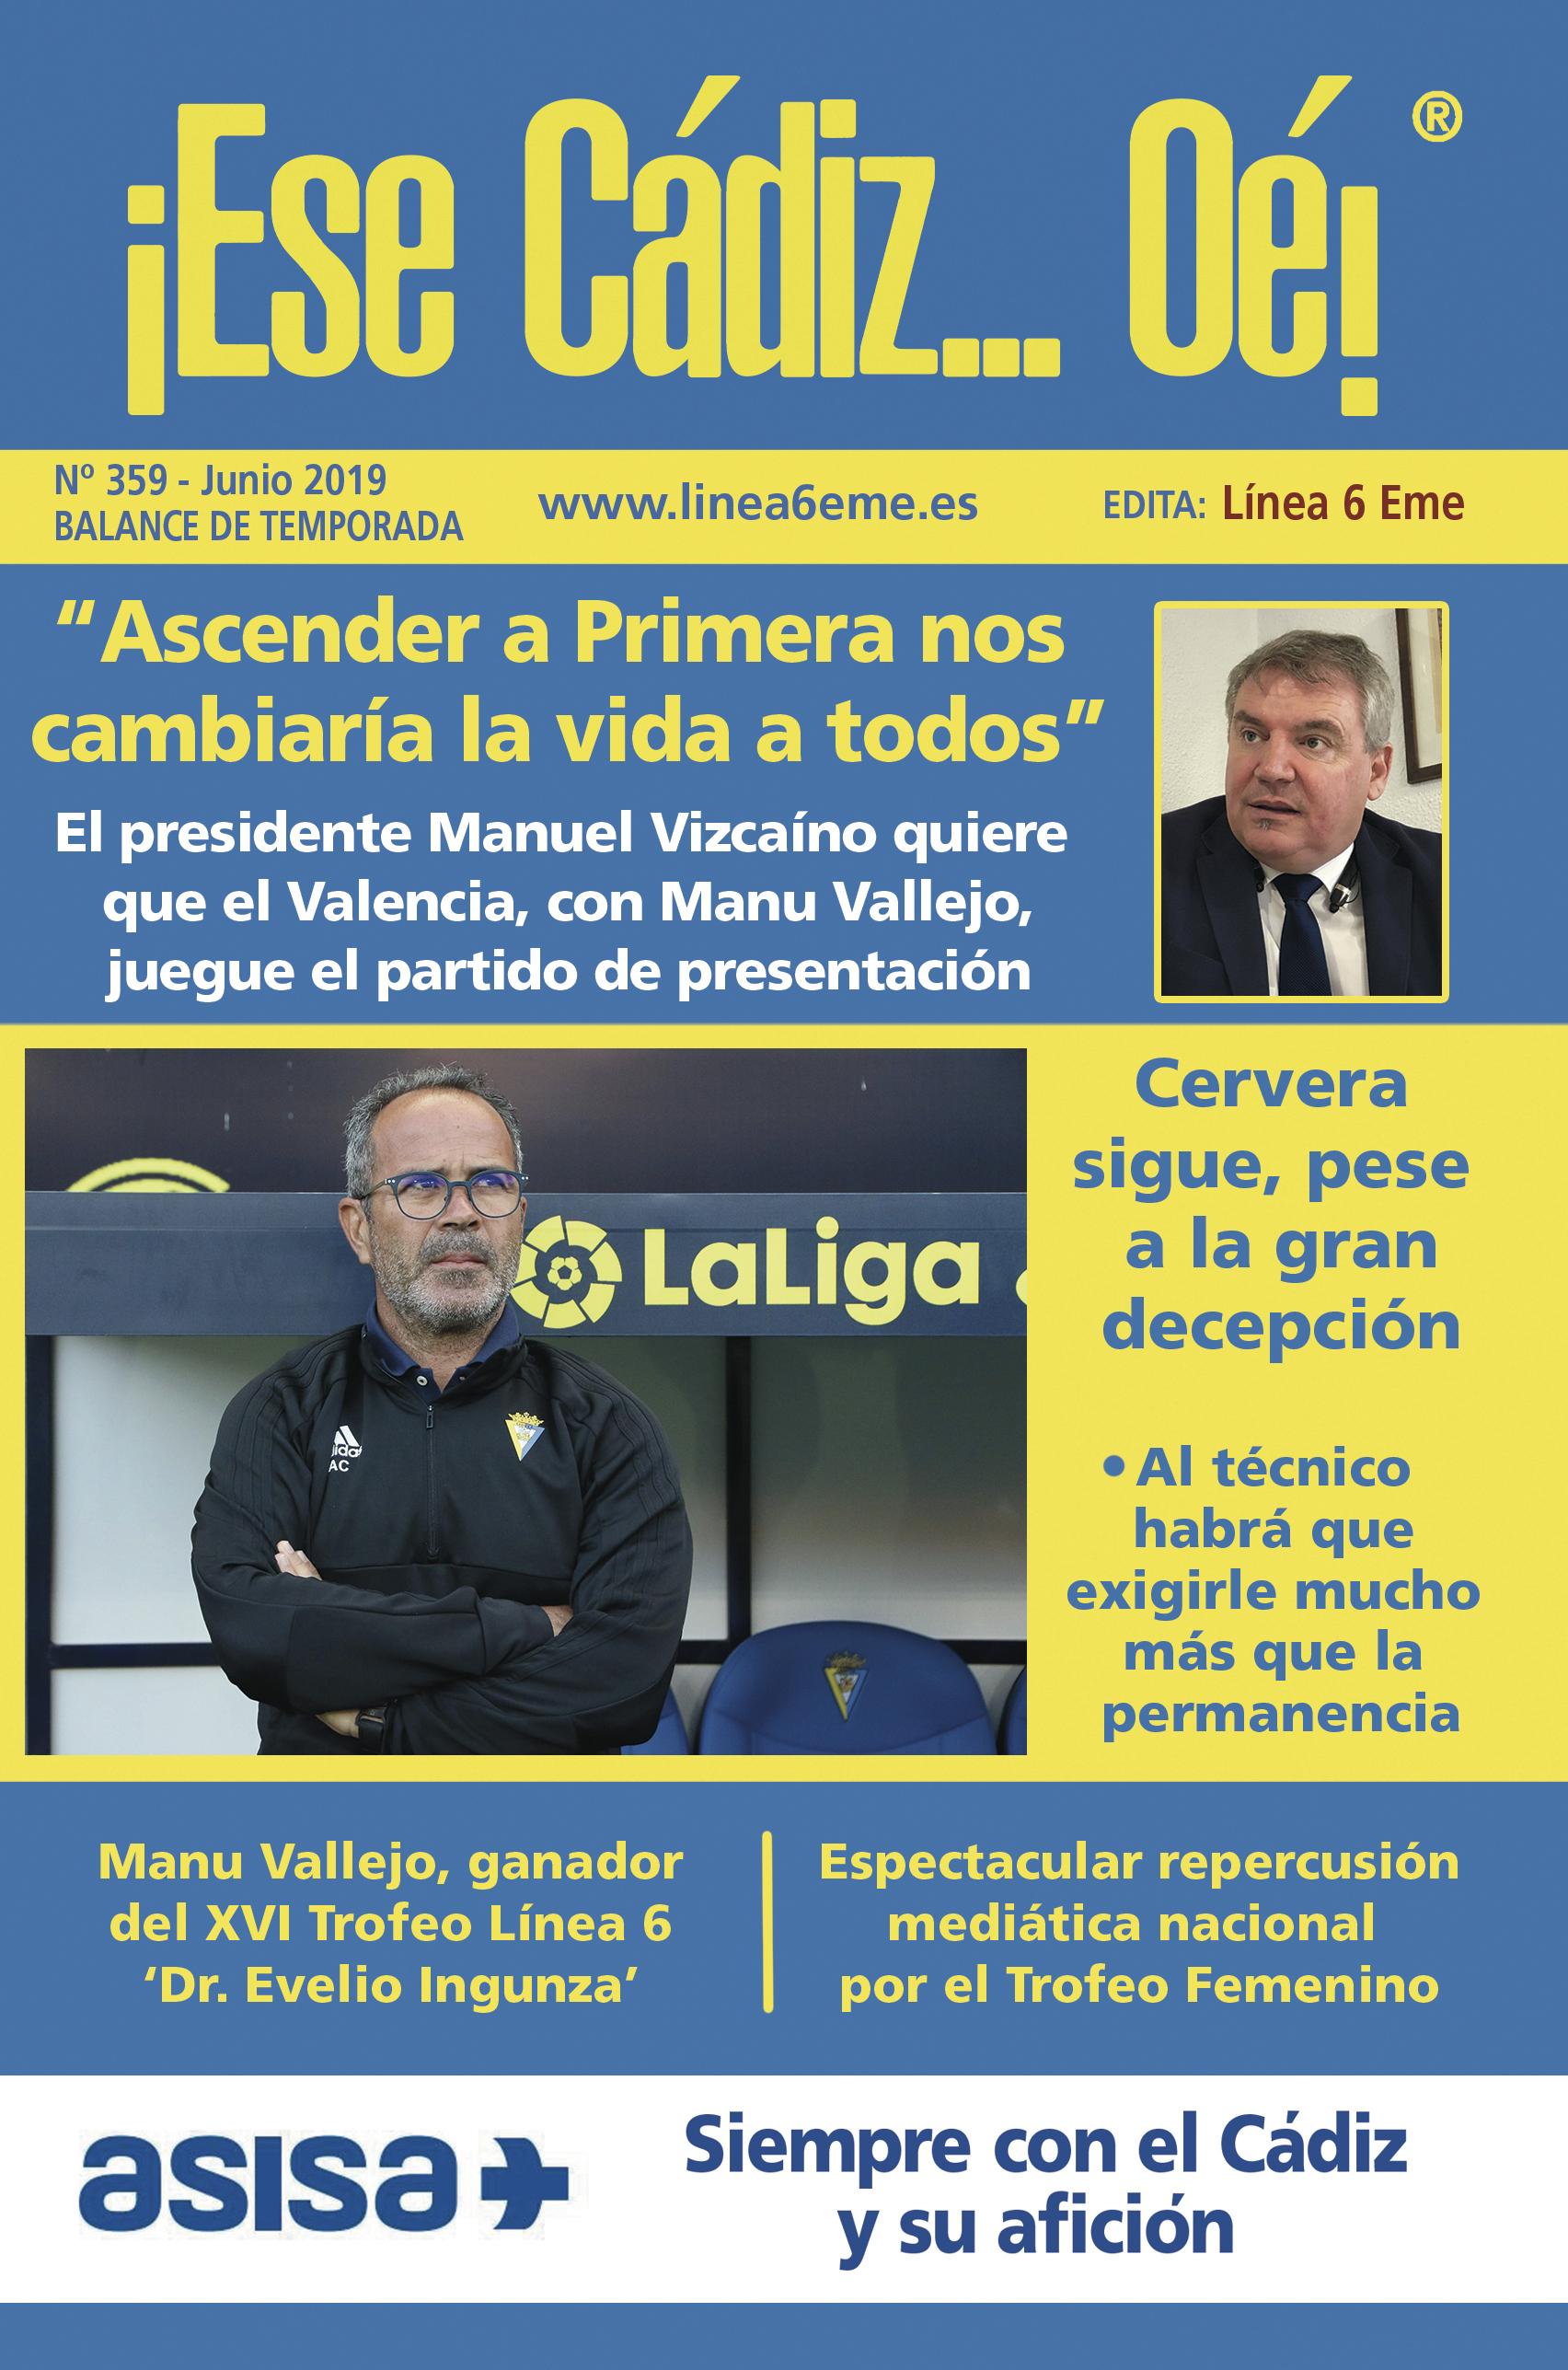 ¡Ese Cádiz…Oé! núm. 359 Temporada 2018/19